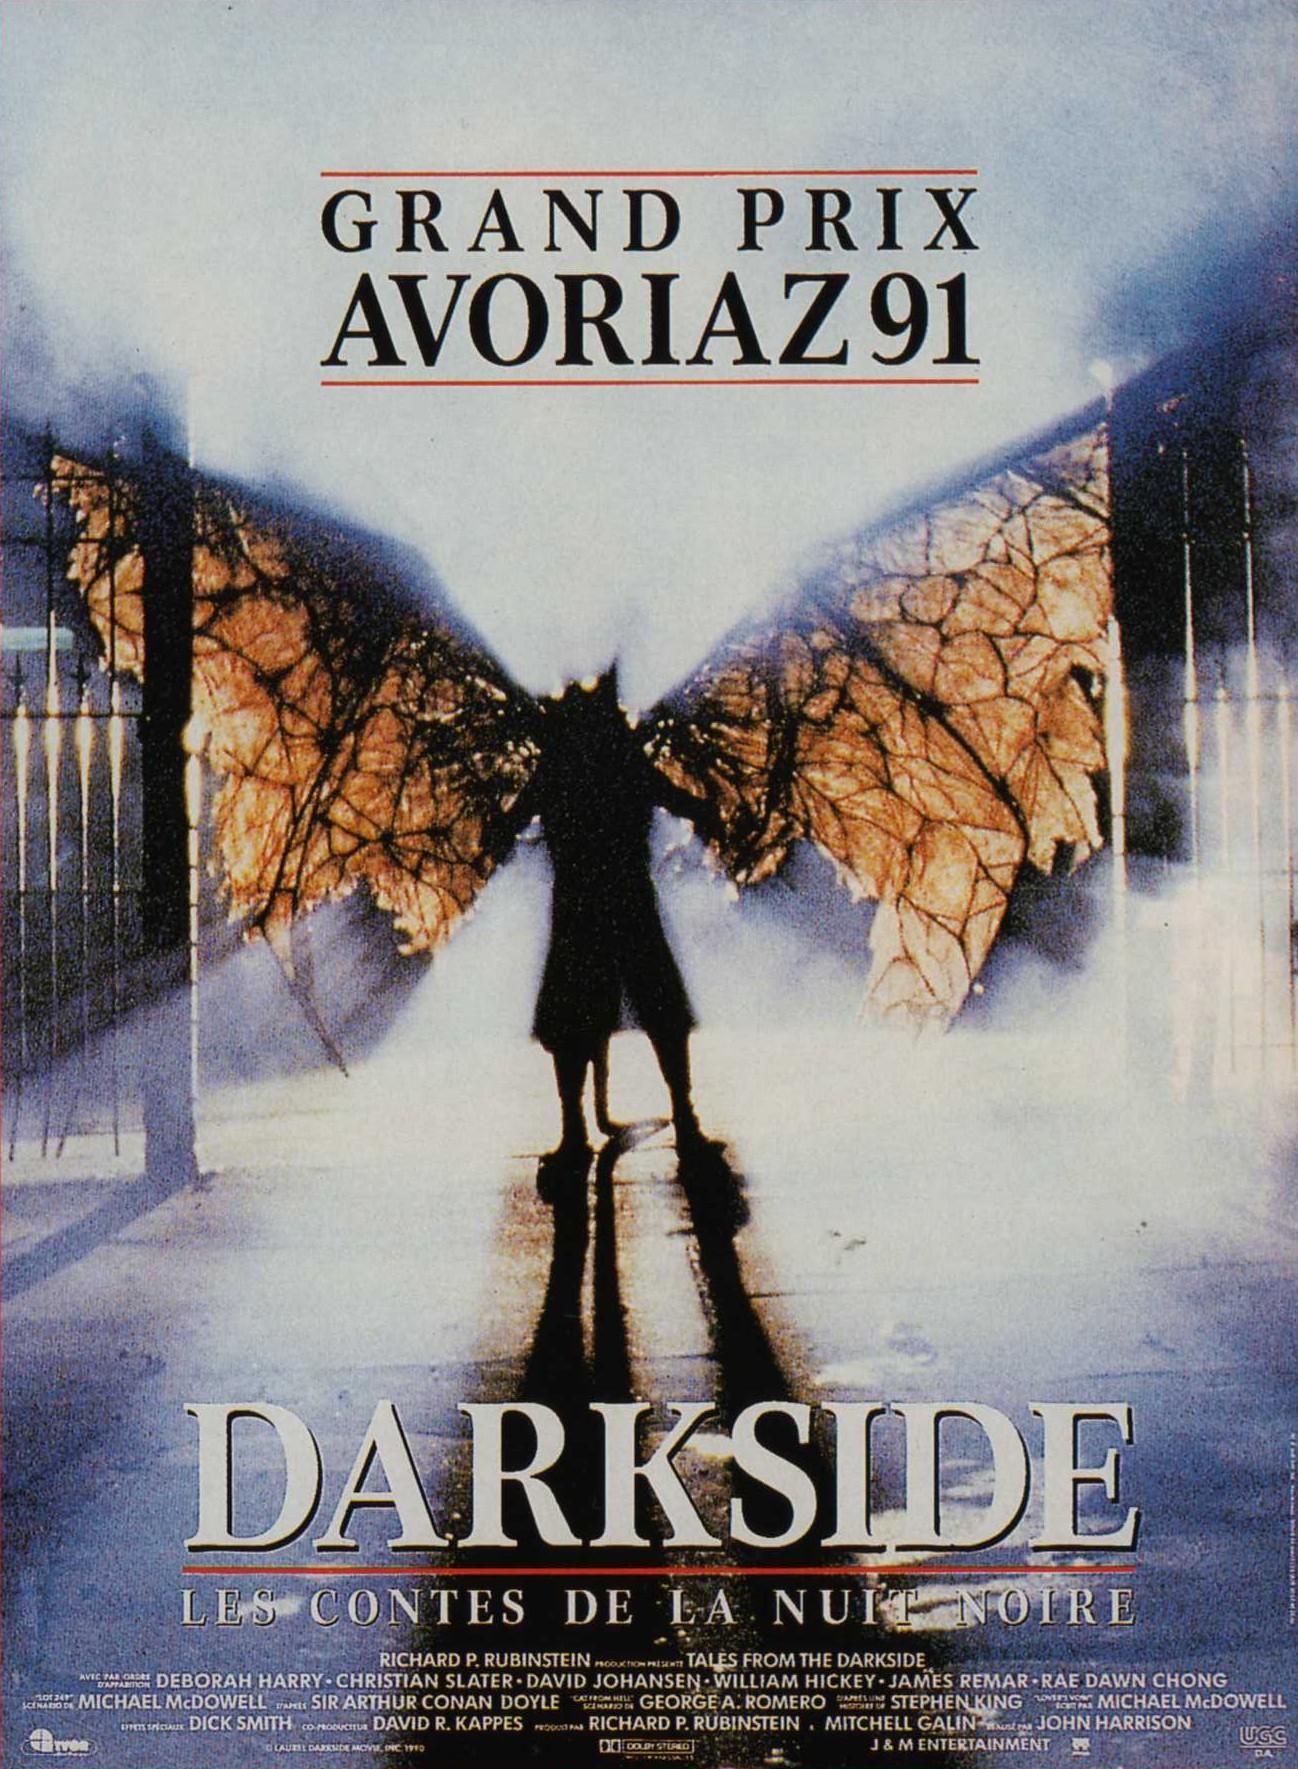 affiche du film Darkside, les contes de la nuit noire